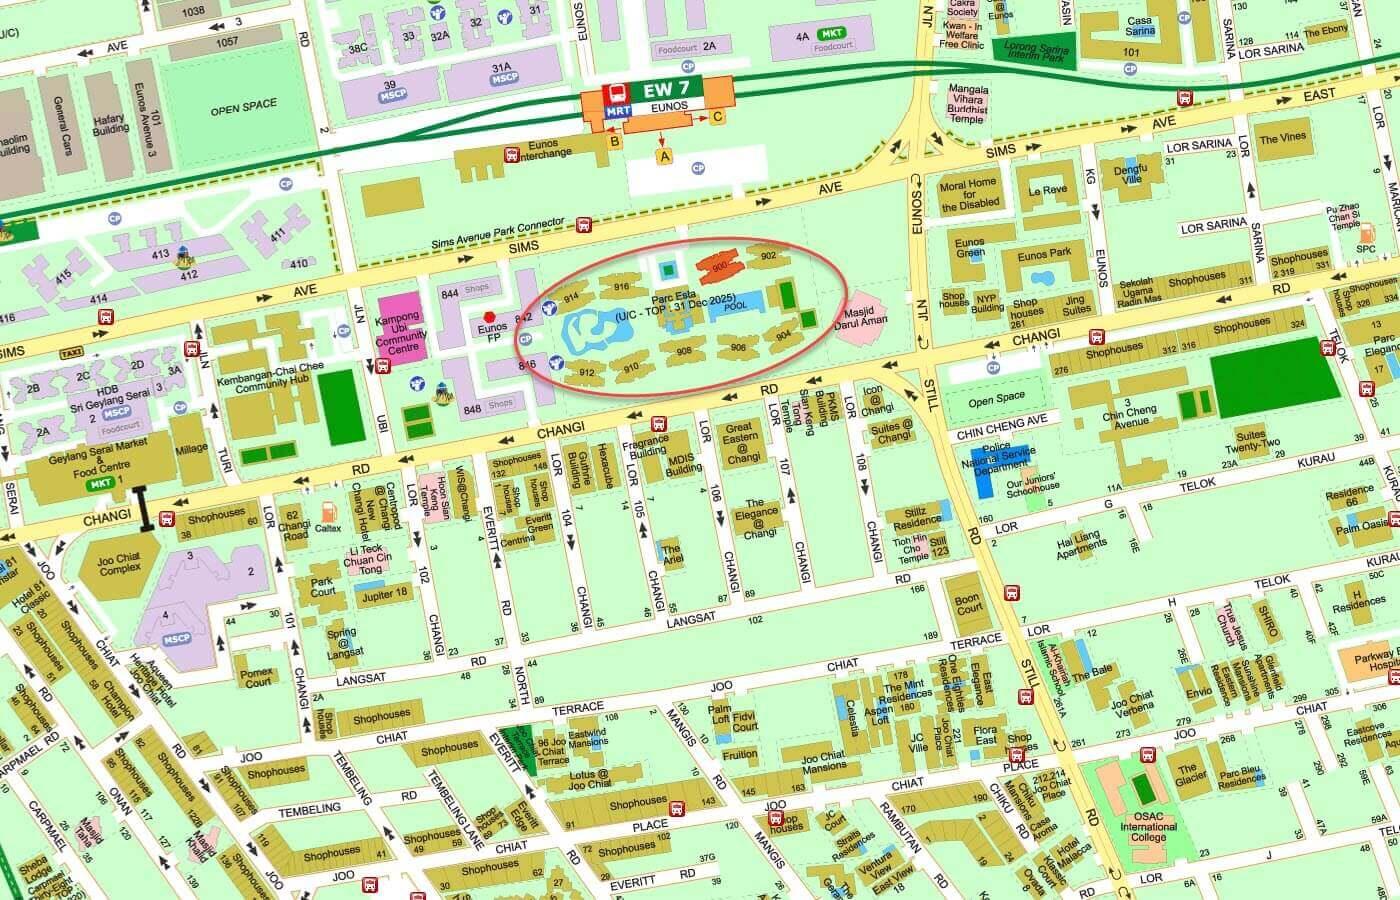 Parc Esta Condo Street Directory Map